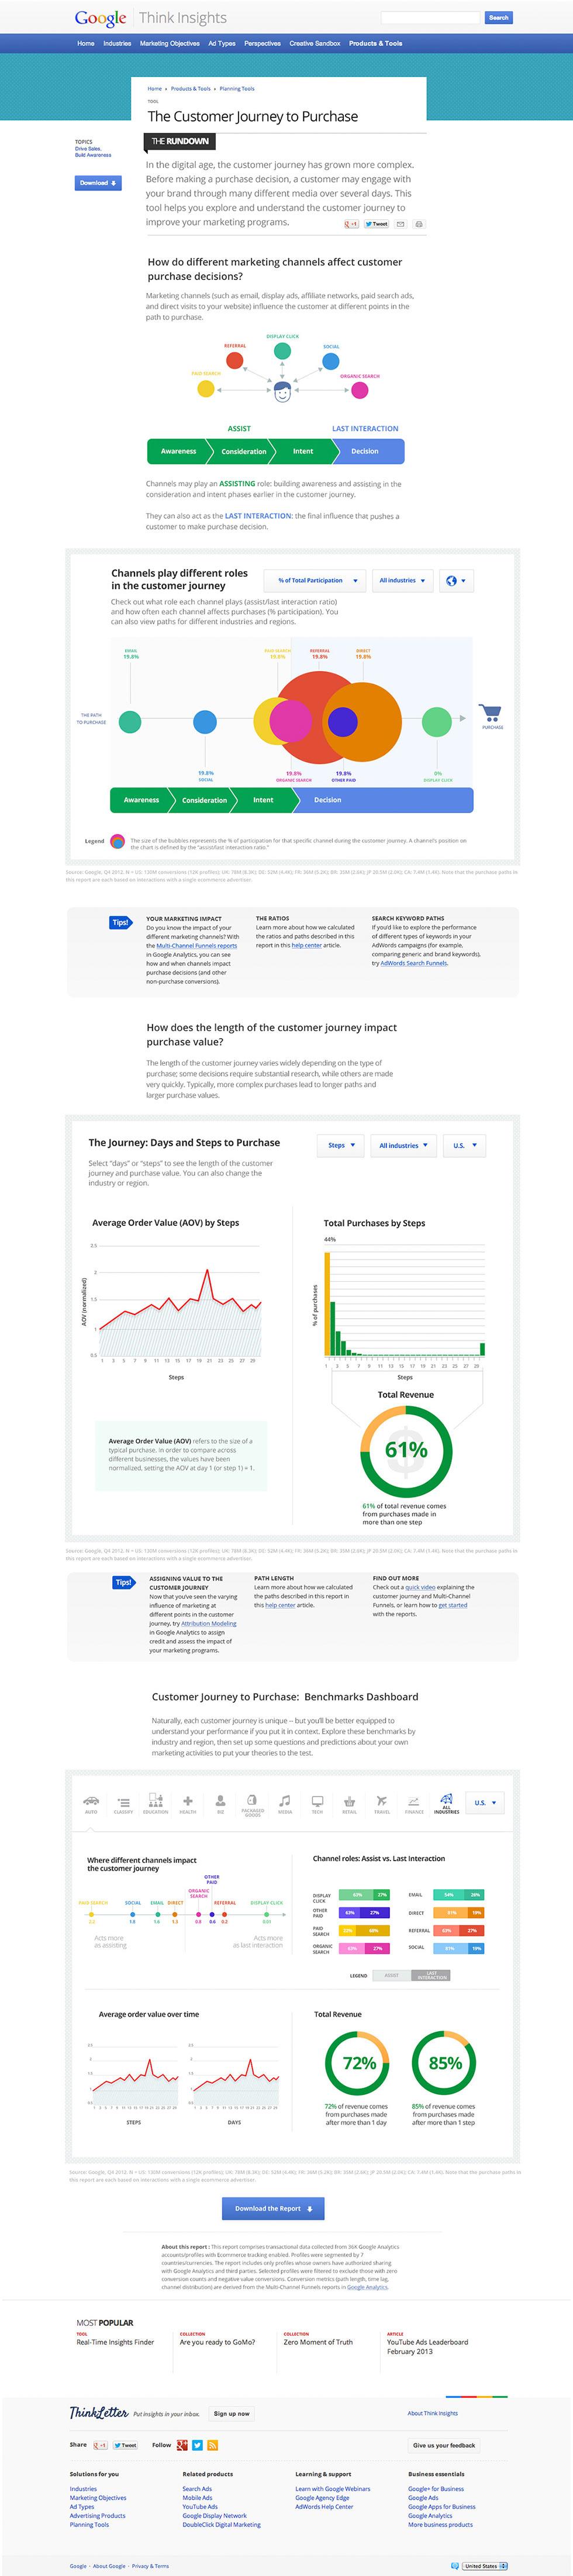 google_desktop.jpg